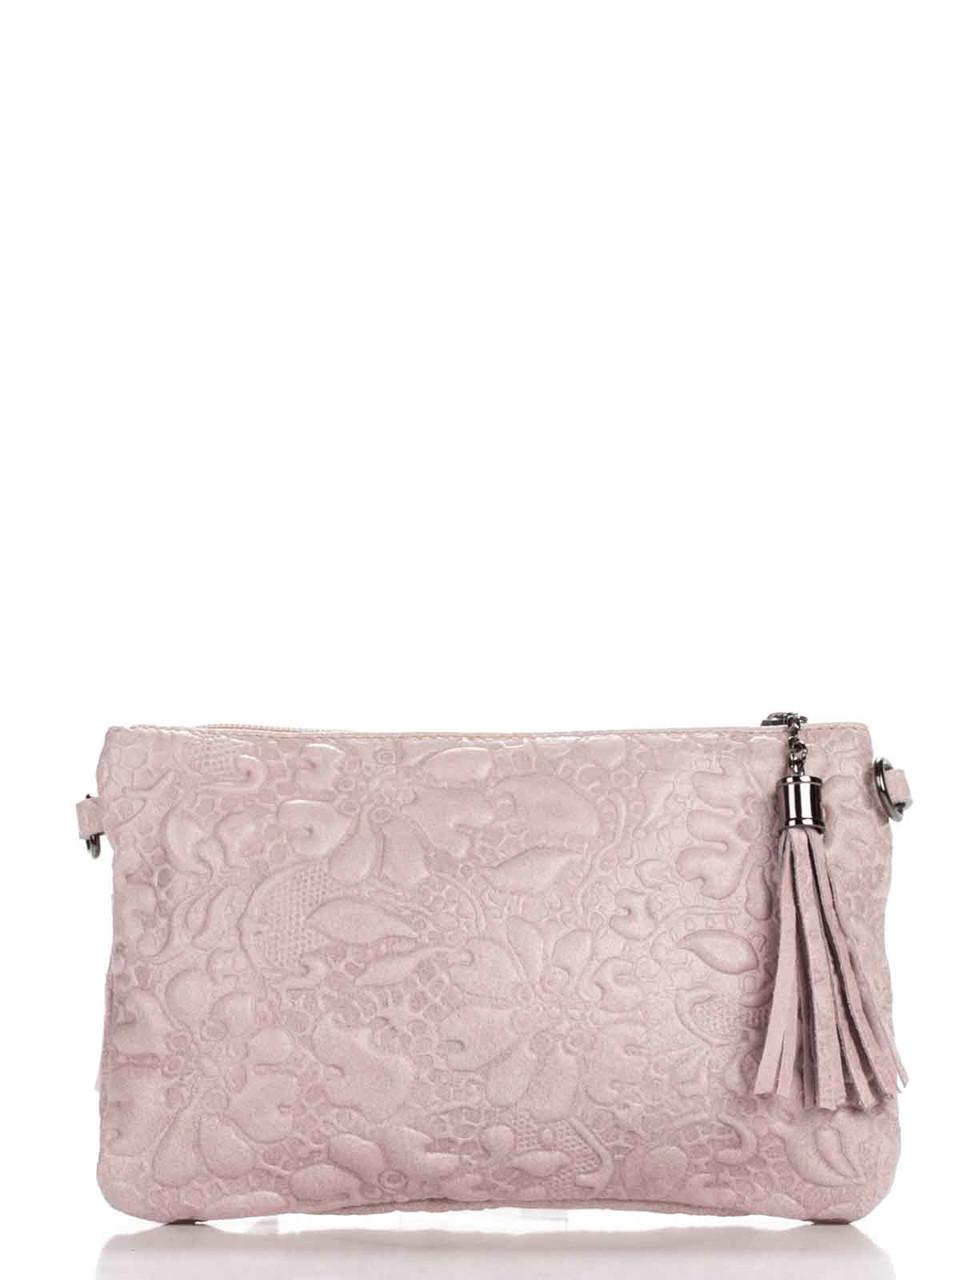 Женская кожаная сумка KISHA Diva's Bag цвет розовый